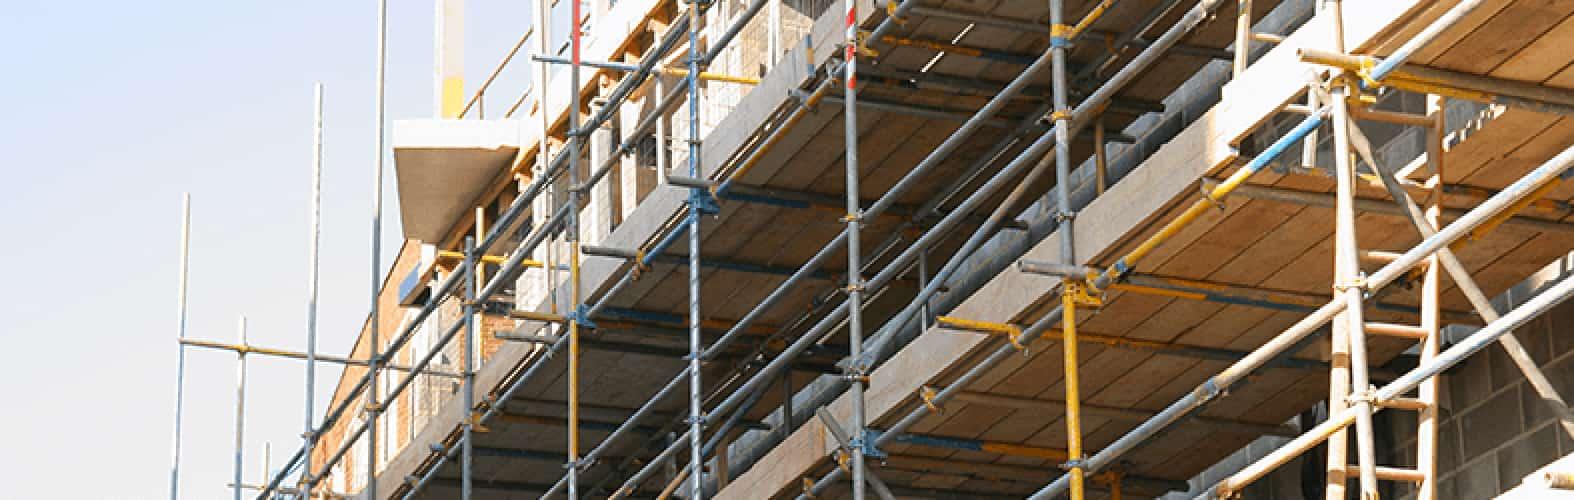 STC Group, Thử nghiệm cấu trúc và vật liệu xây dựng